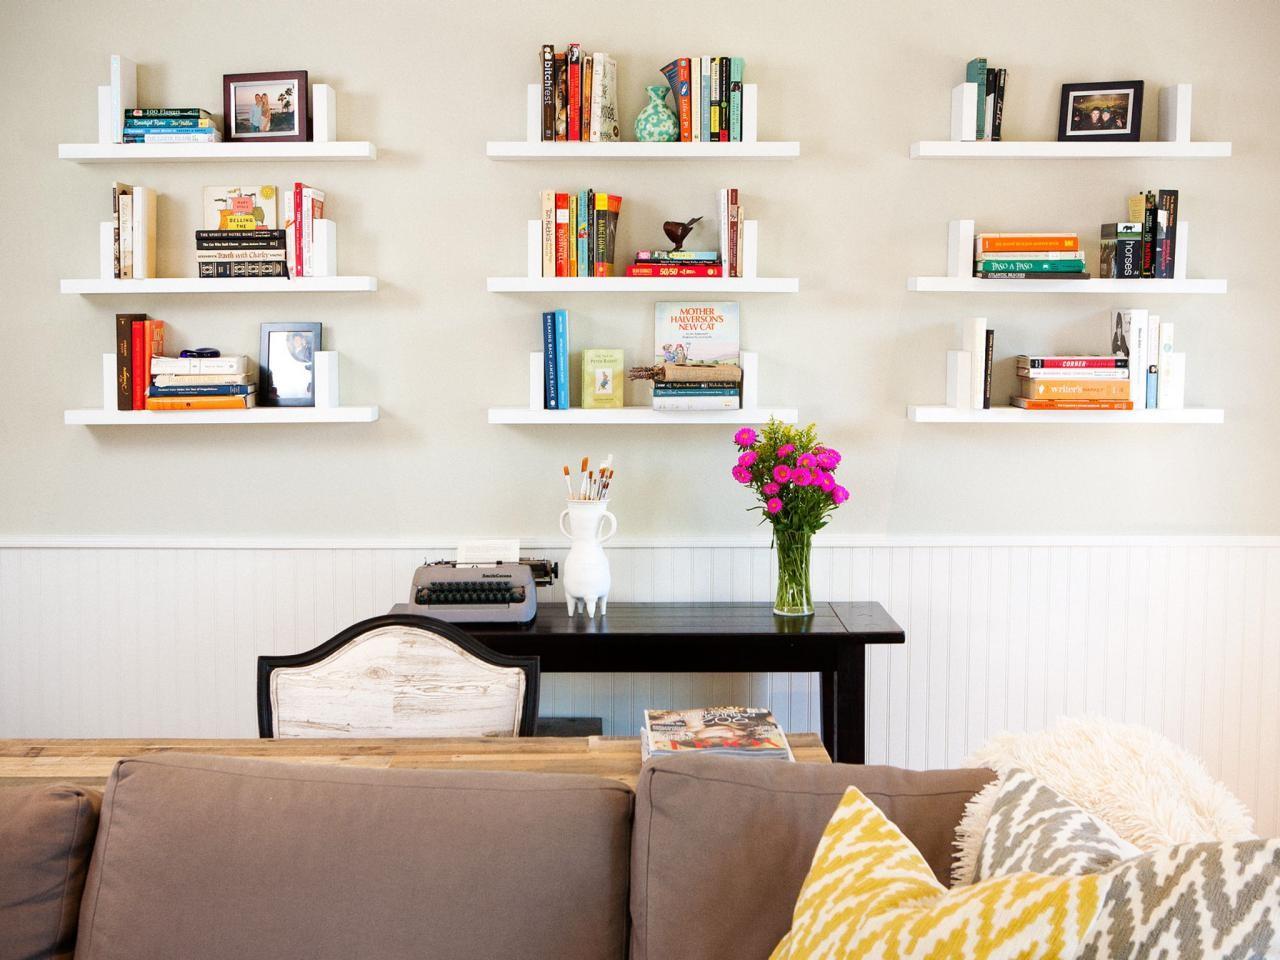 طريقة ترتيب الرفوف على الجدران-تزيين الأرفف بالكتب